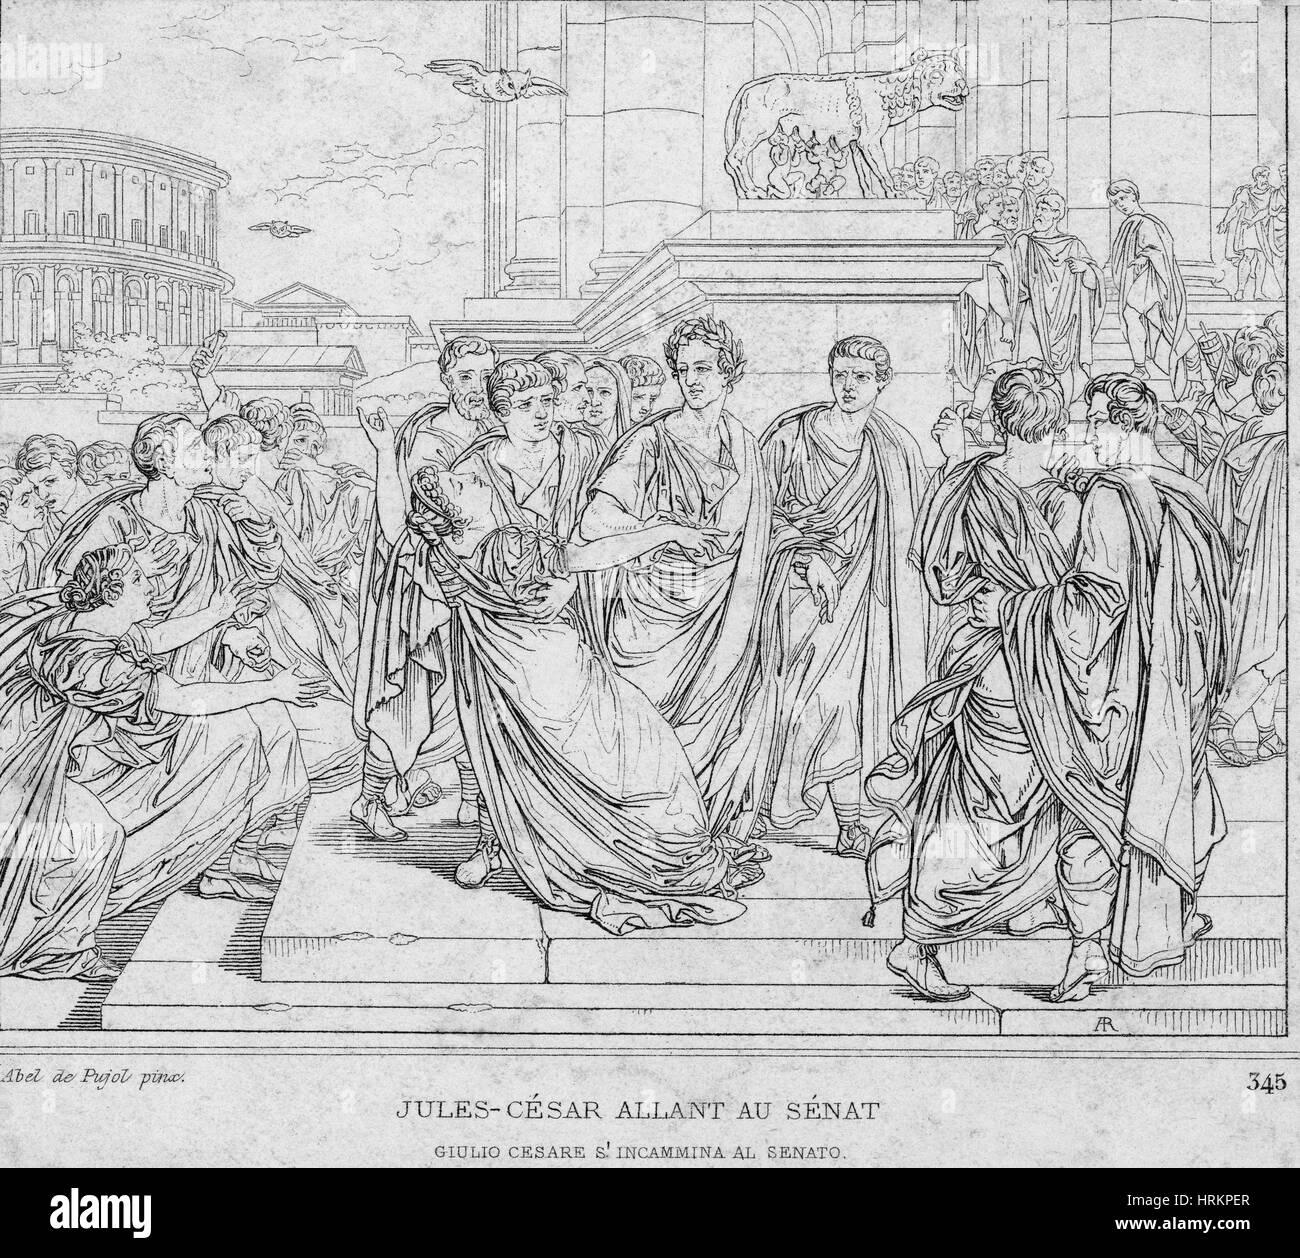 Assassination of Julius Caesar, 44 BC - Stock Image